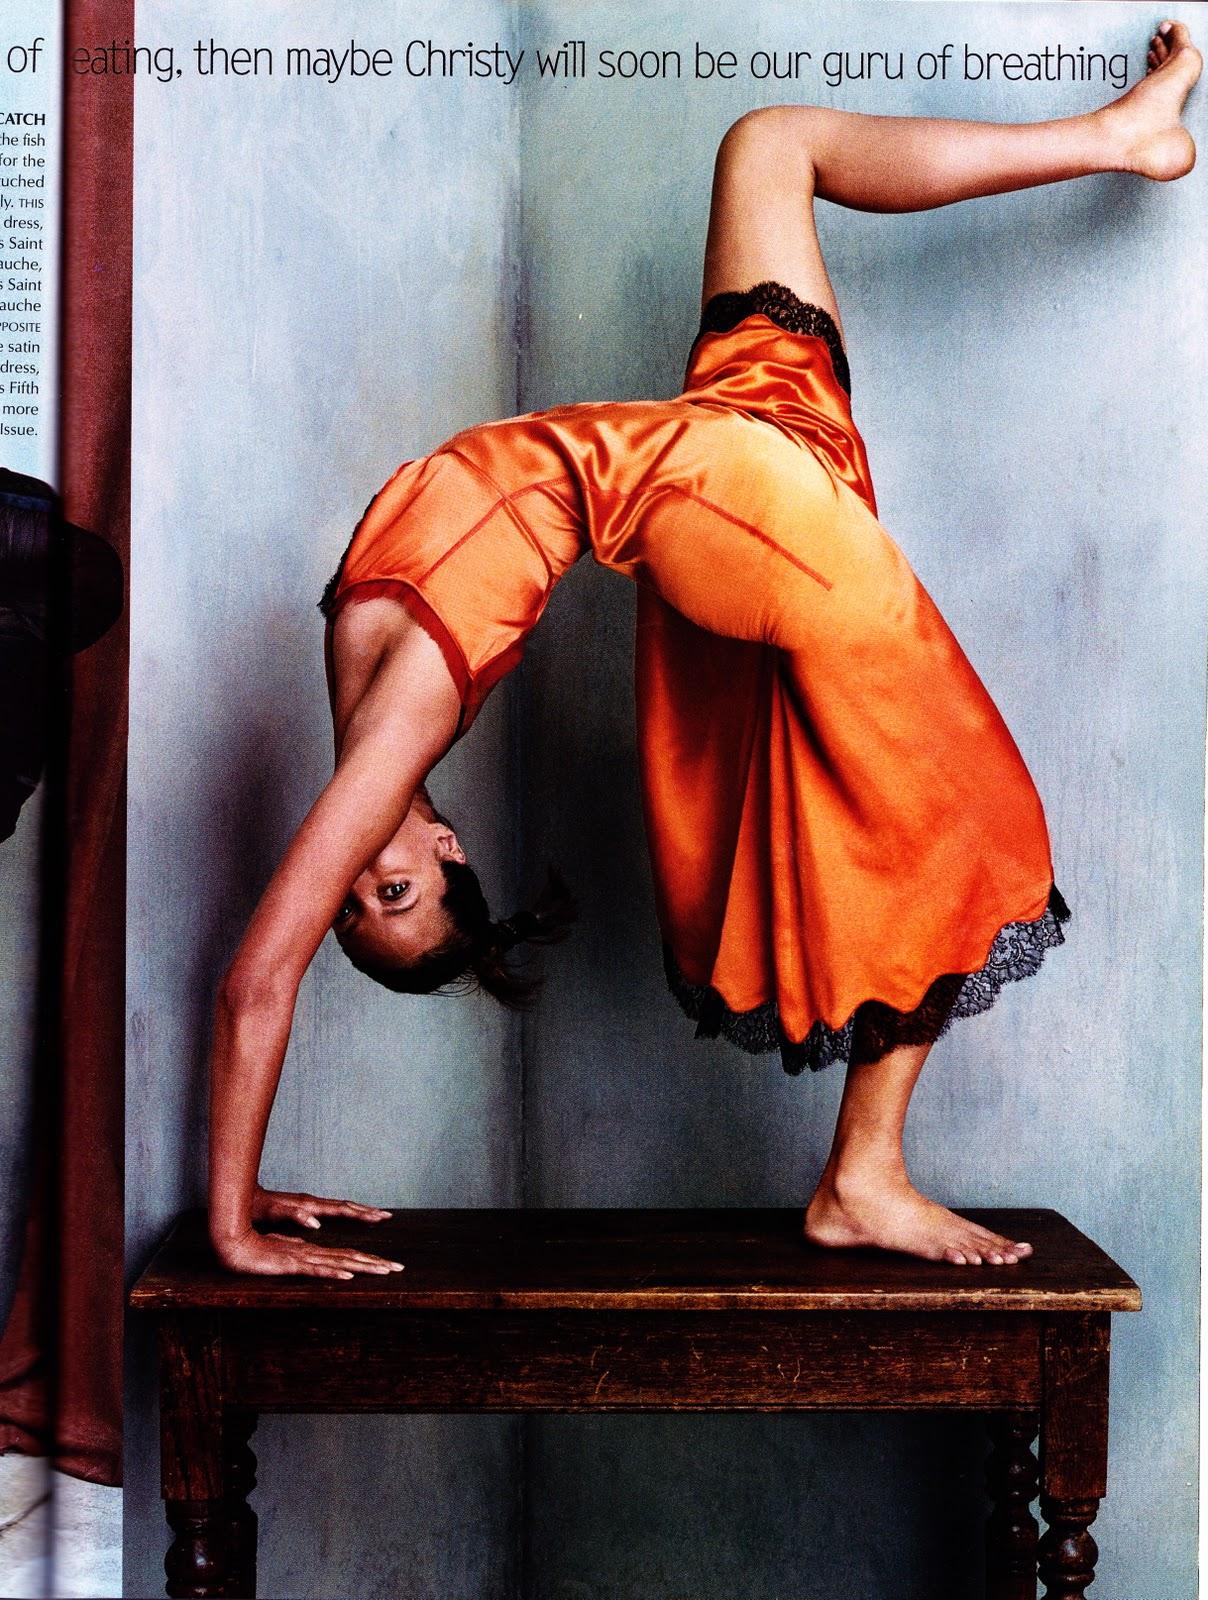 http://4.bp.blogspot.com/-7TDGgcFLA6E/TsMG3KA0nII/AAAAAAAAHUI/LMM9DeTK3Ac/s1600/yoga_christy_vogueoct2002_steven+klein.jpg